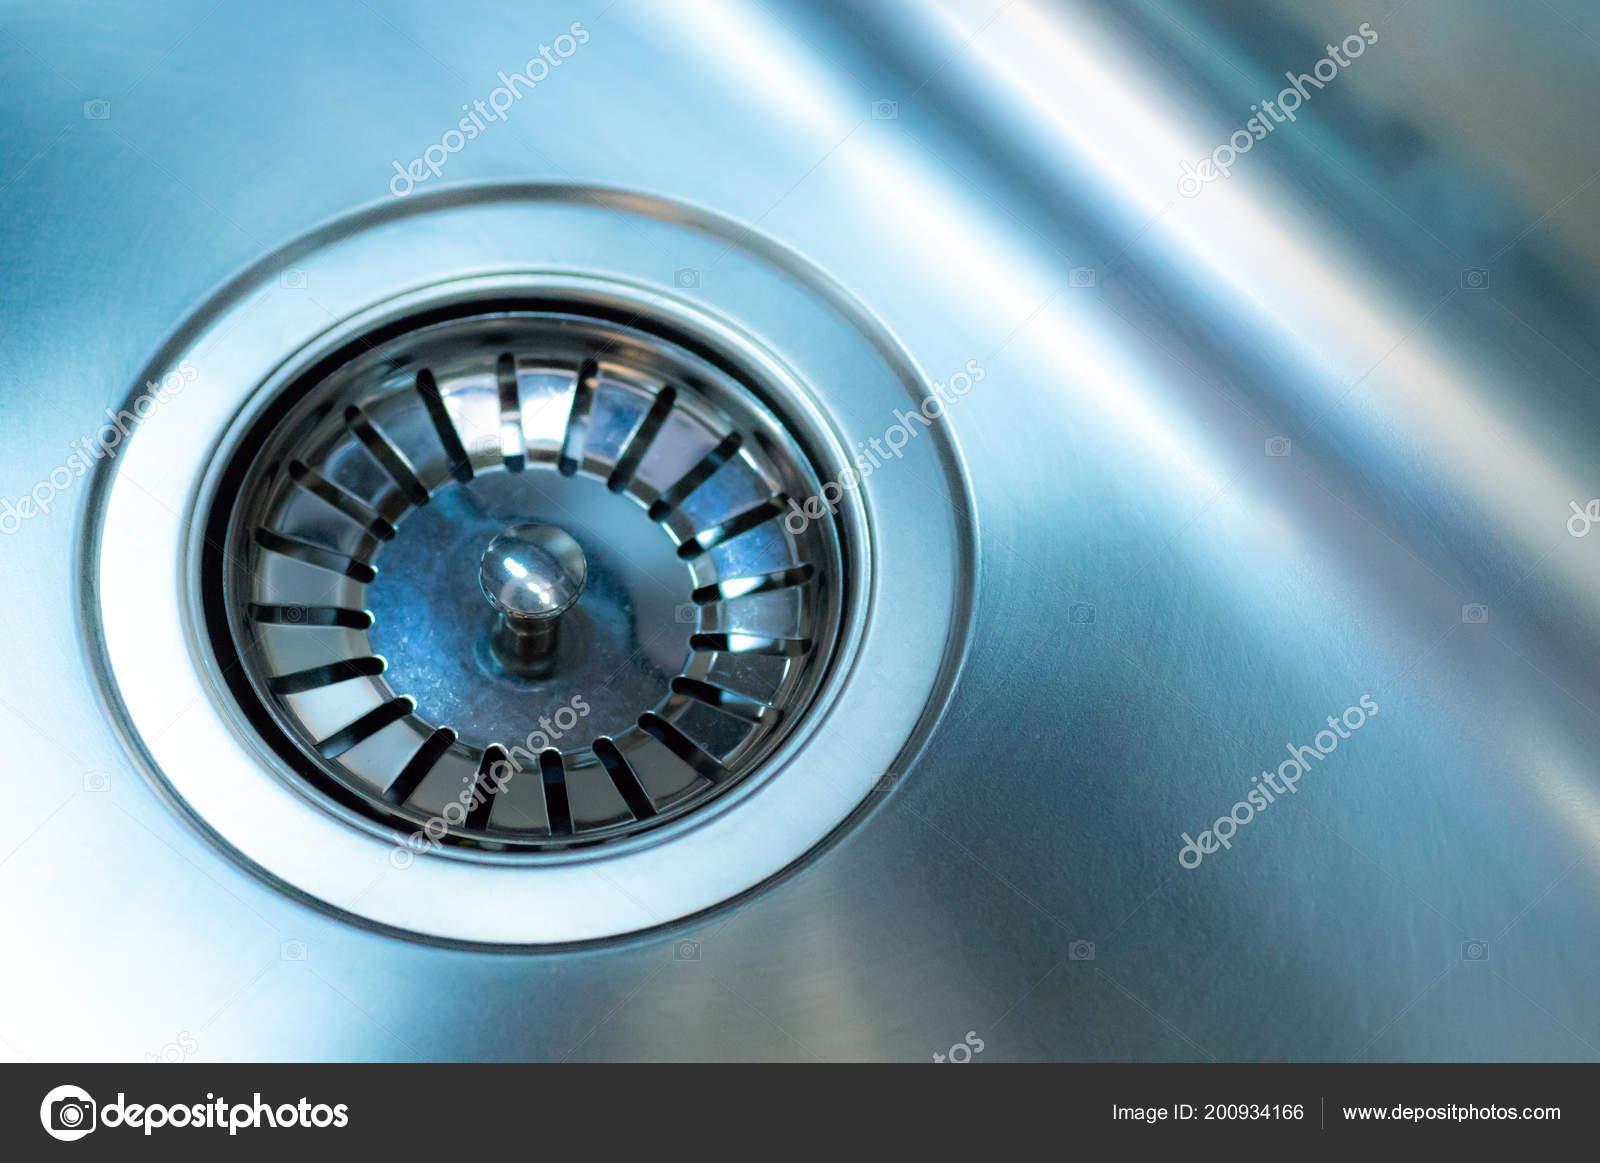 kitchen sink drain pipe ideas 带排水管的不锈钢水槽 特写 不锈钢厨房水槽排水管 图库照片 图库